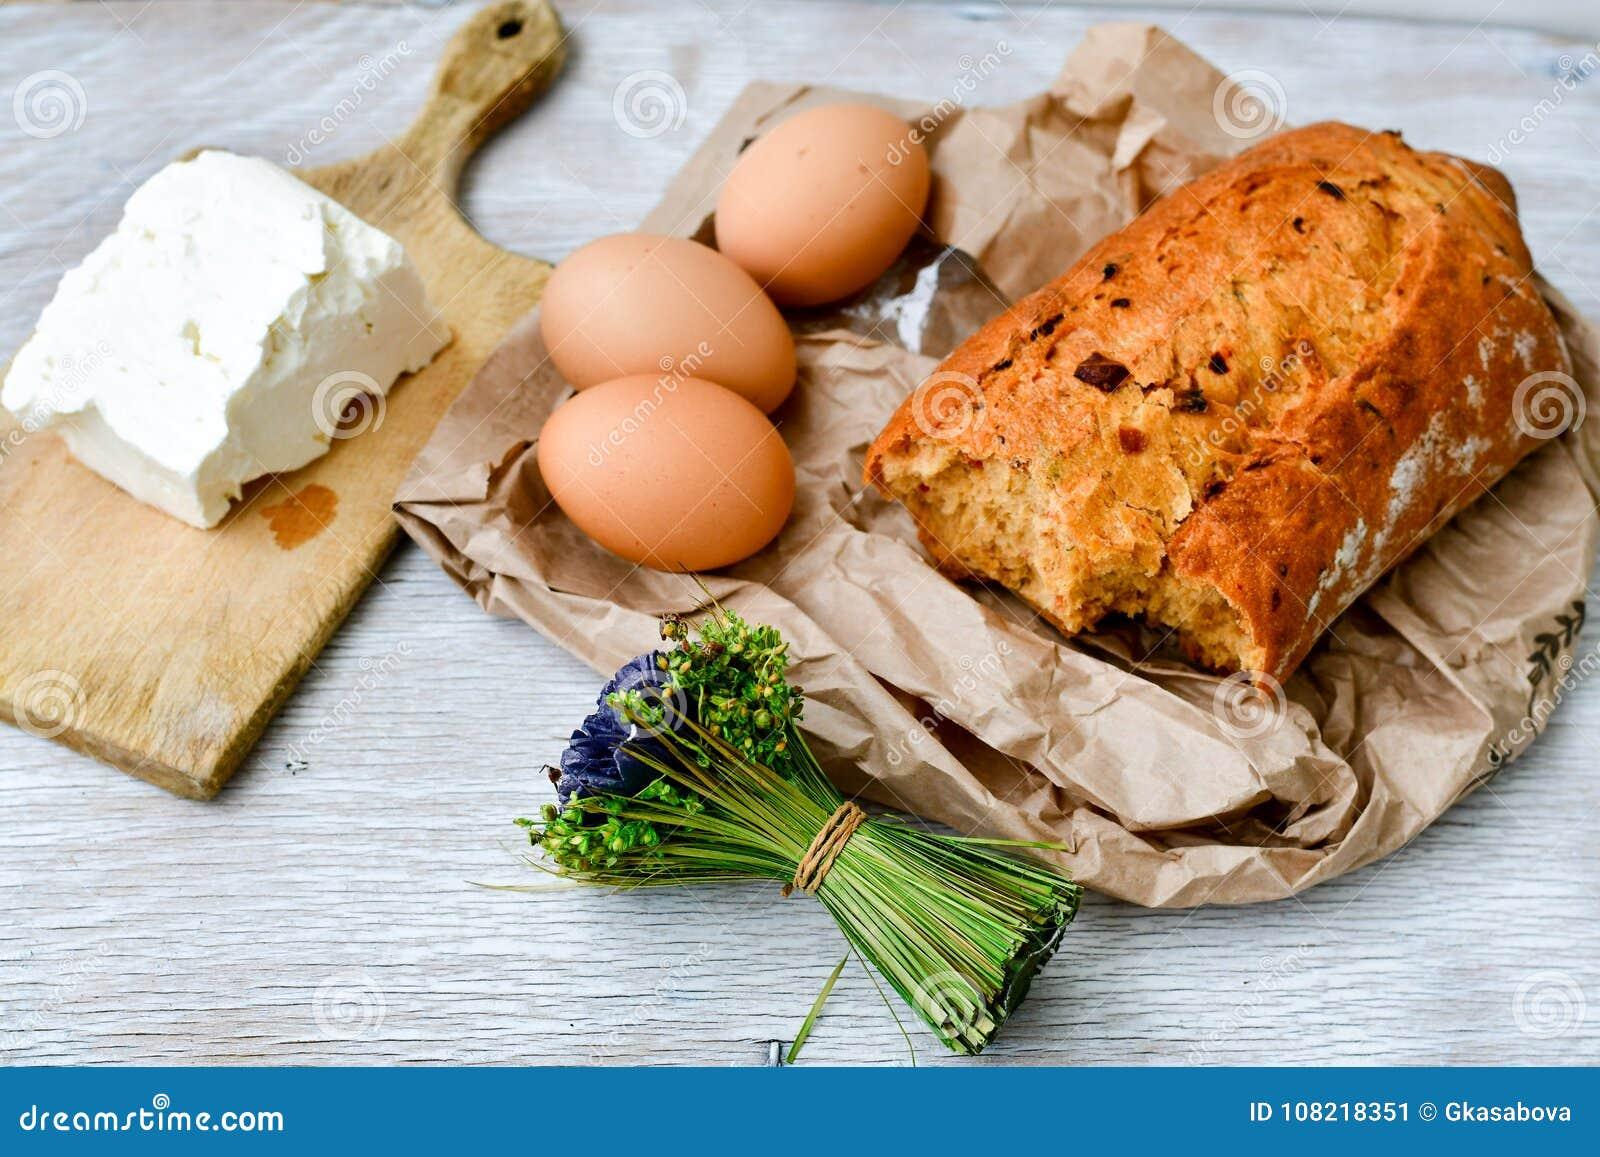 Fromage, lait, pain et oeufs